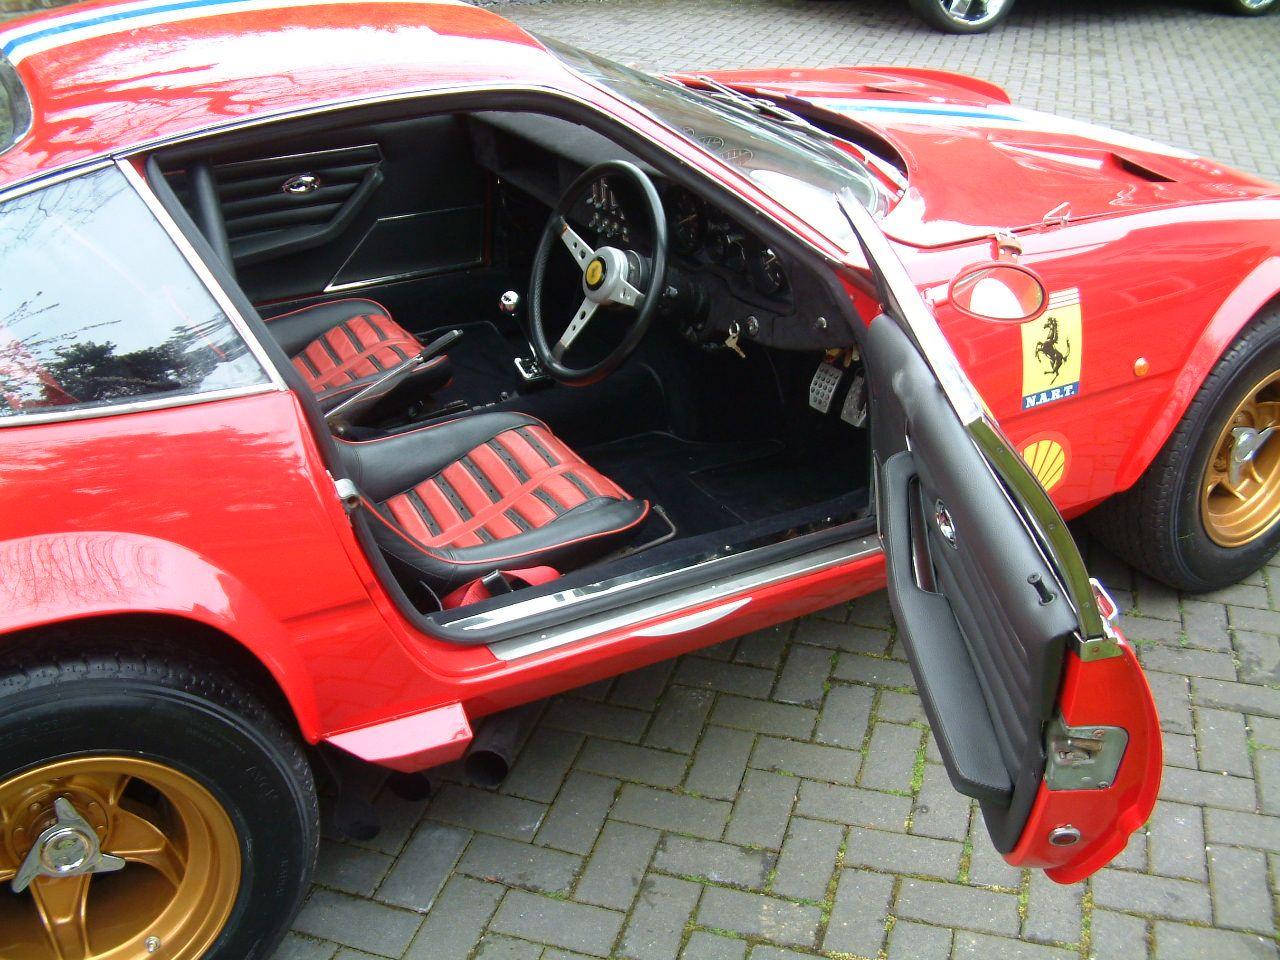 svs-ltd, sports cars, classic cars, american motorhomes & prestige ...